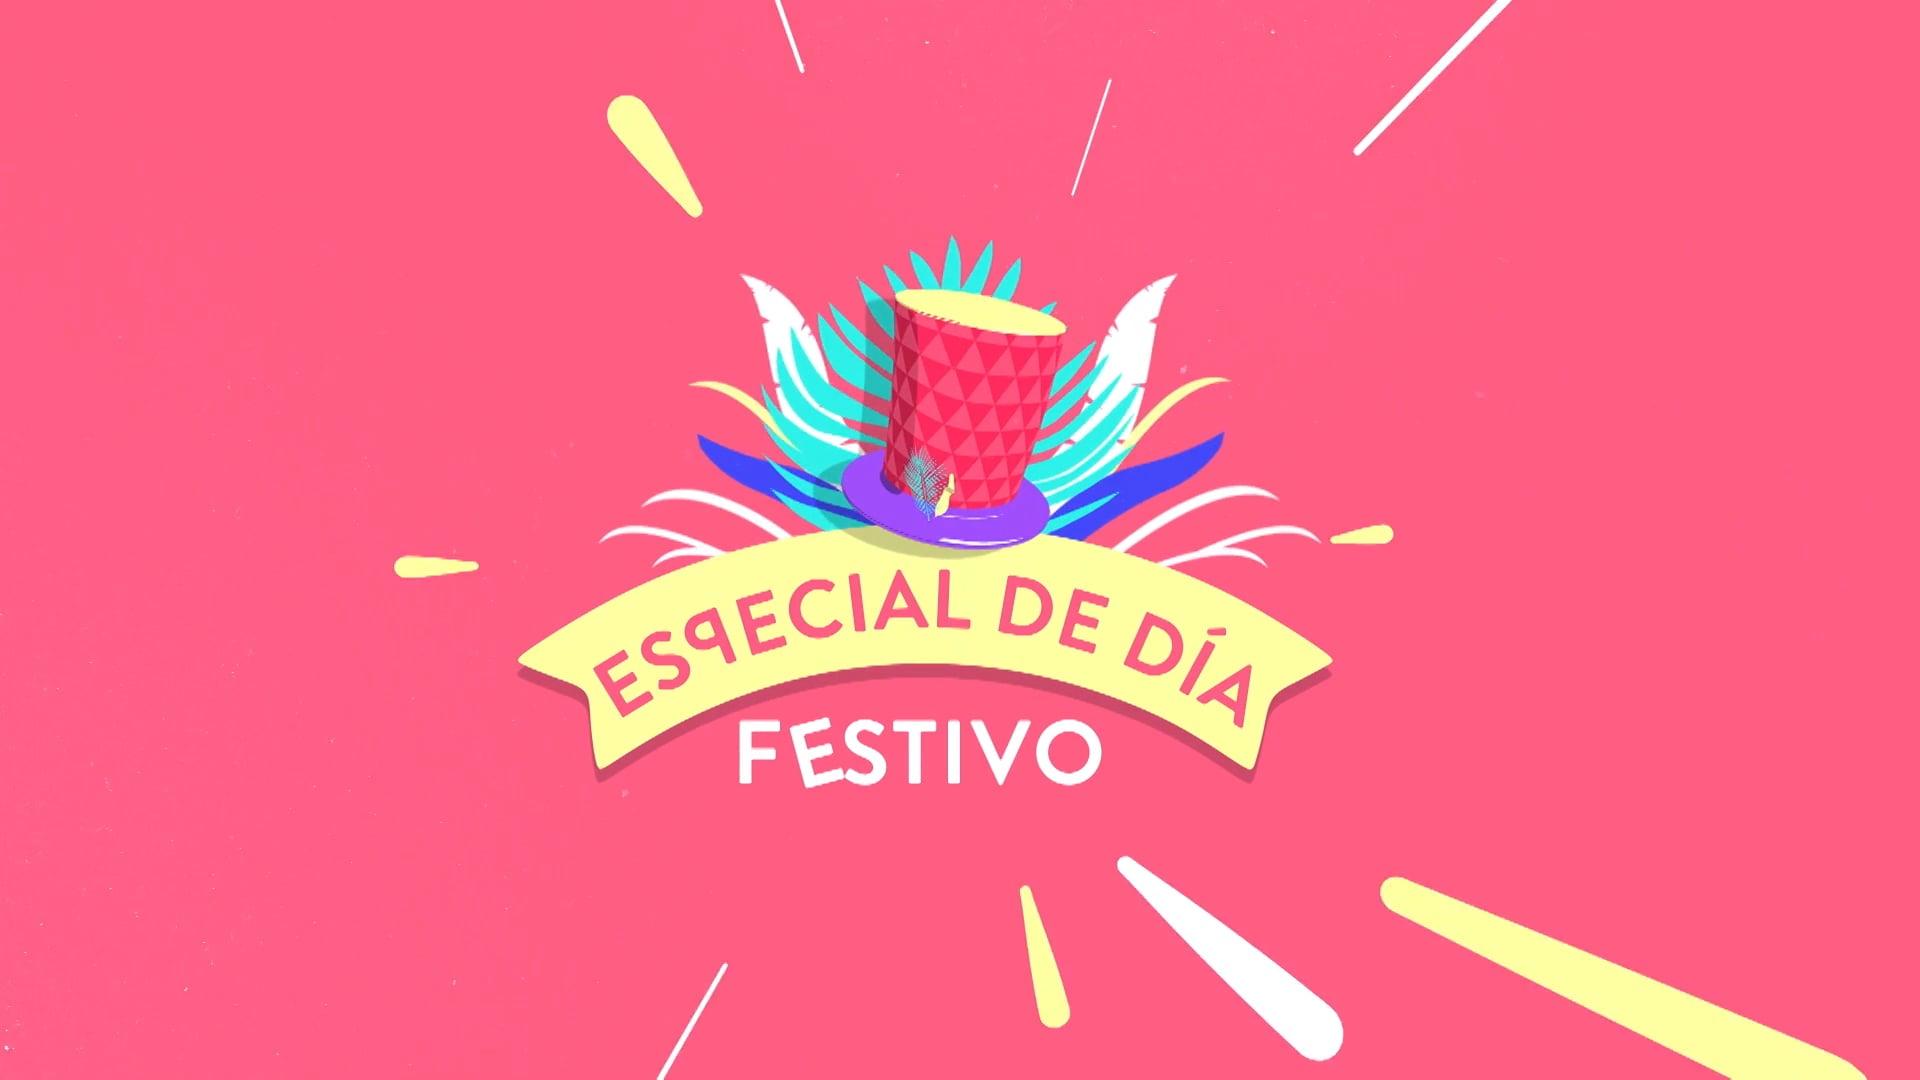 ESPECIAL DE DIA FESTIVO